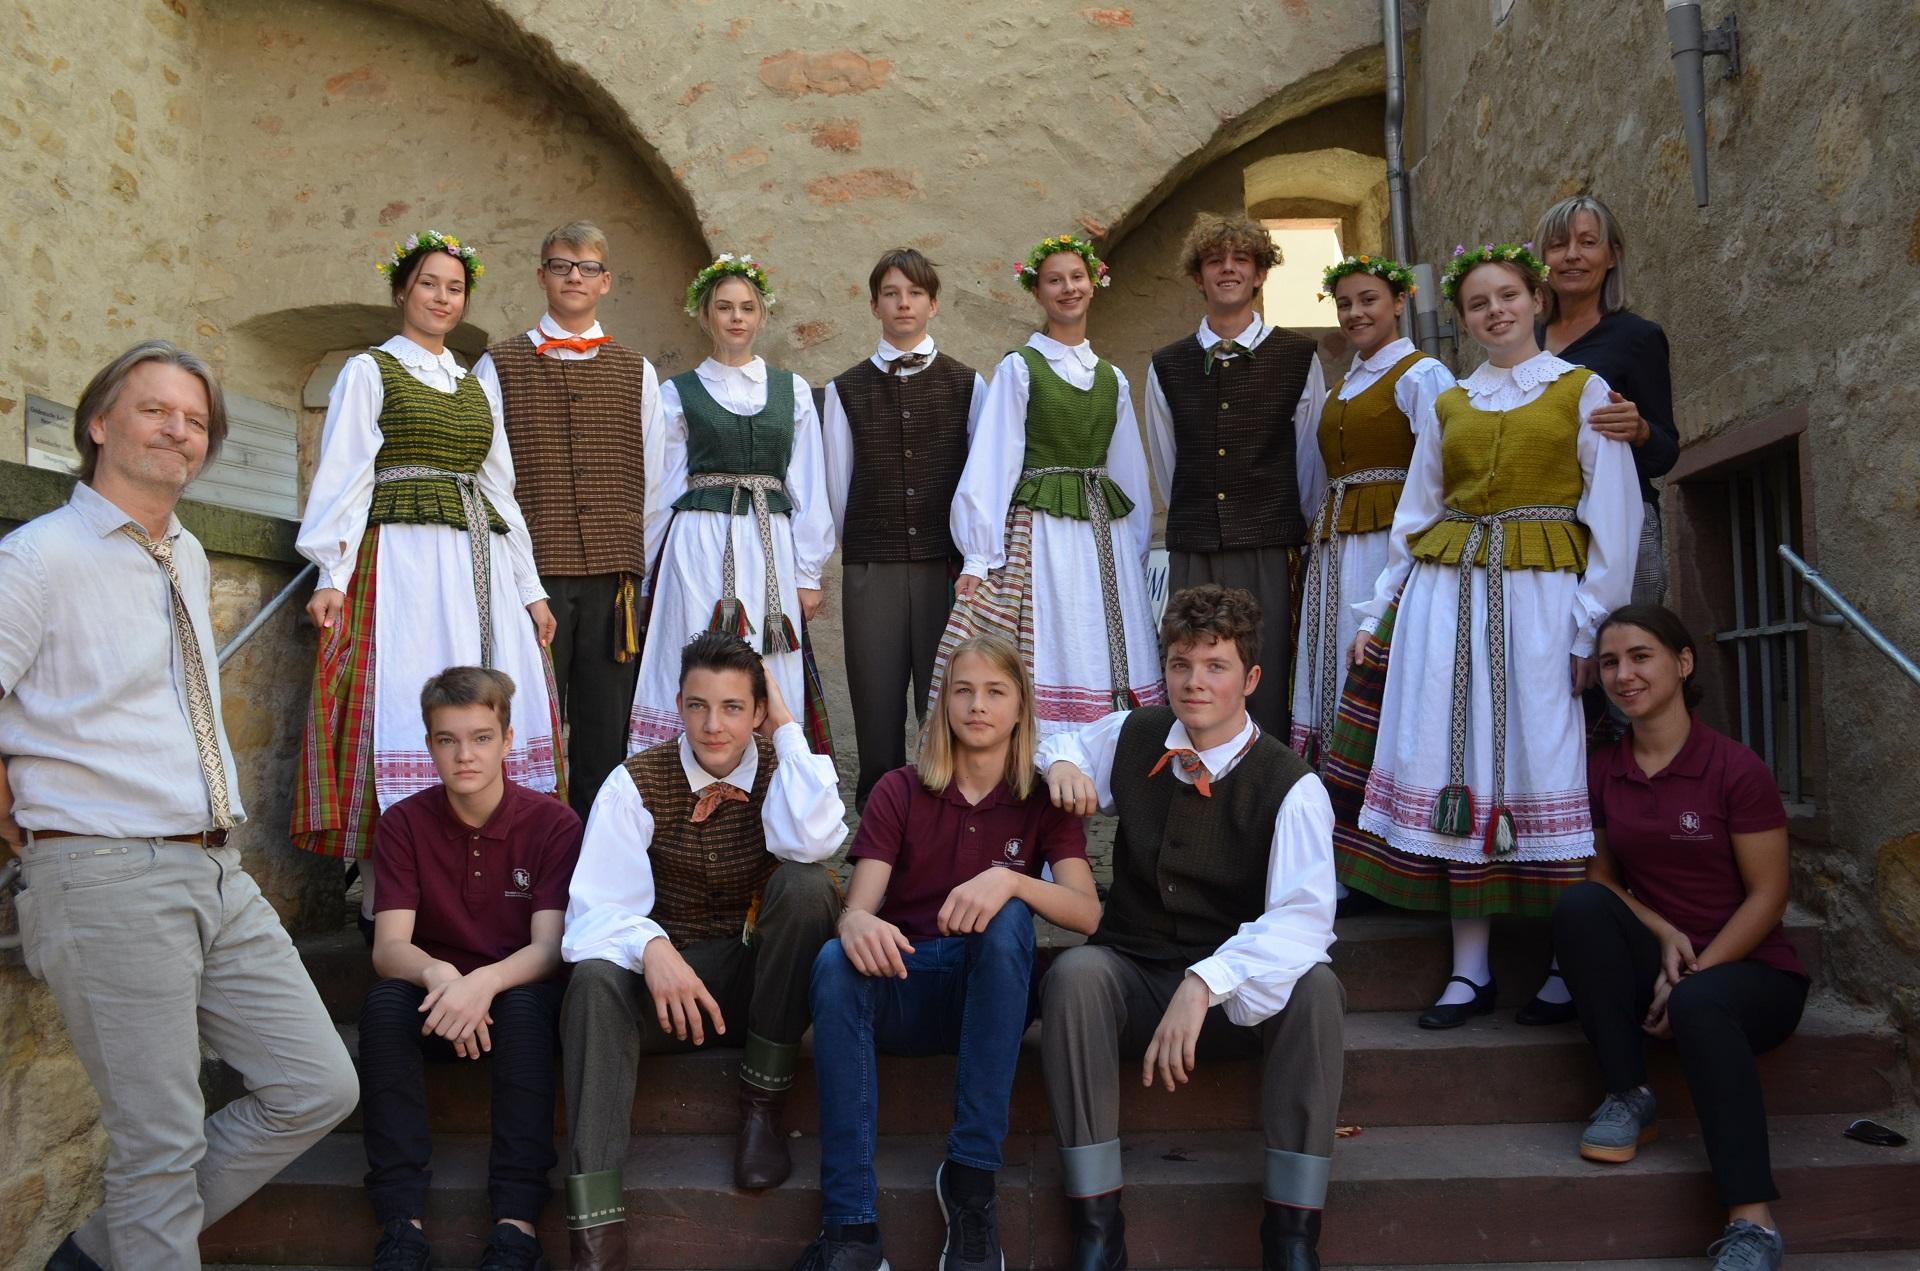 Tarptautinė kultūros savaitė Heppenheime